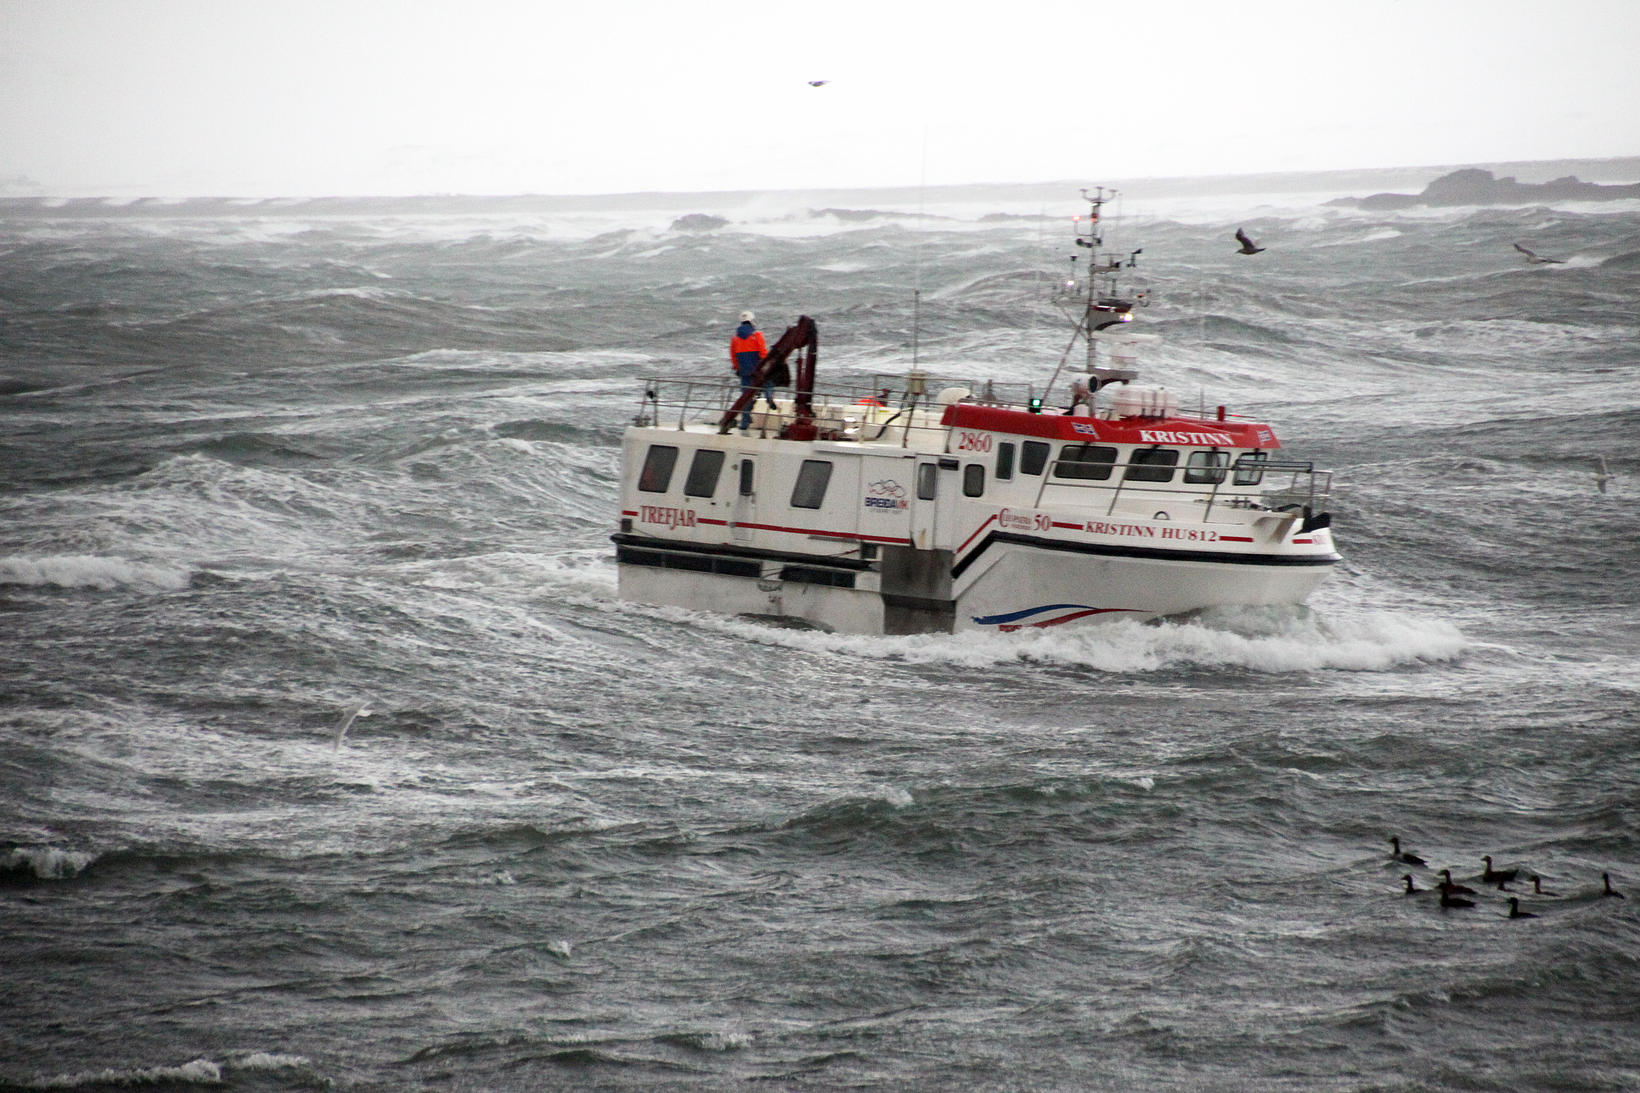 Kristinn HU að koma að landi í norðanbrælu.